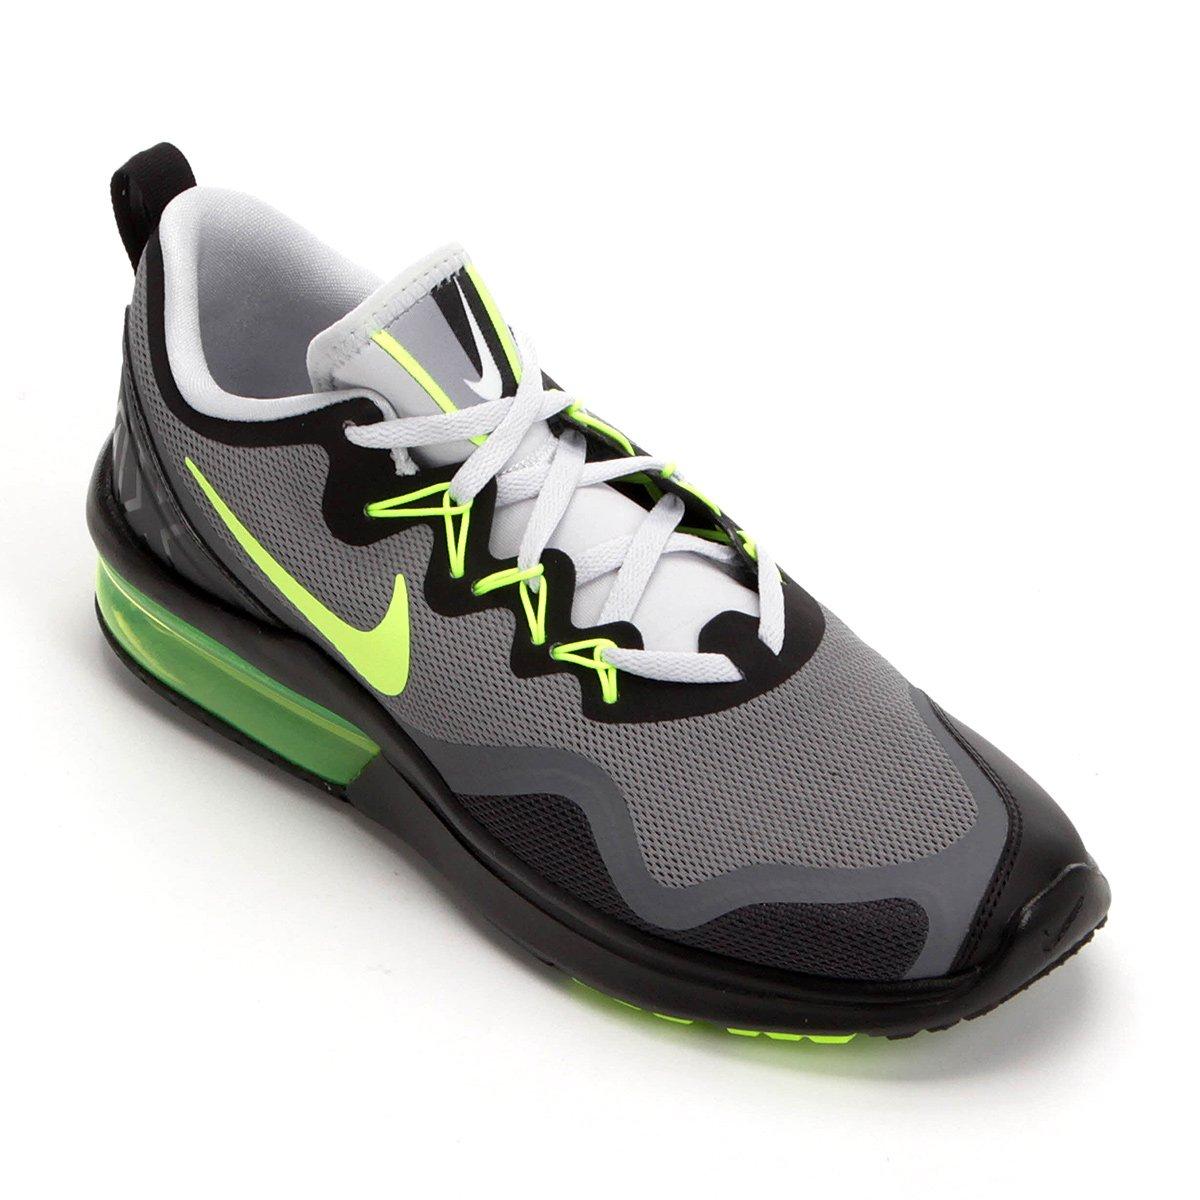 0cce16065bf Tênis Nike Air Max Fury Masculino - Cinza e Verde Limão - Compre Agora